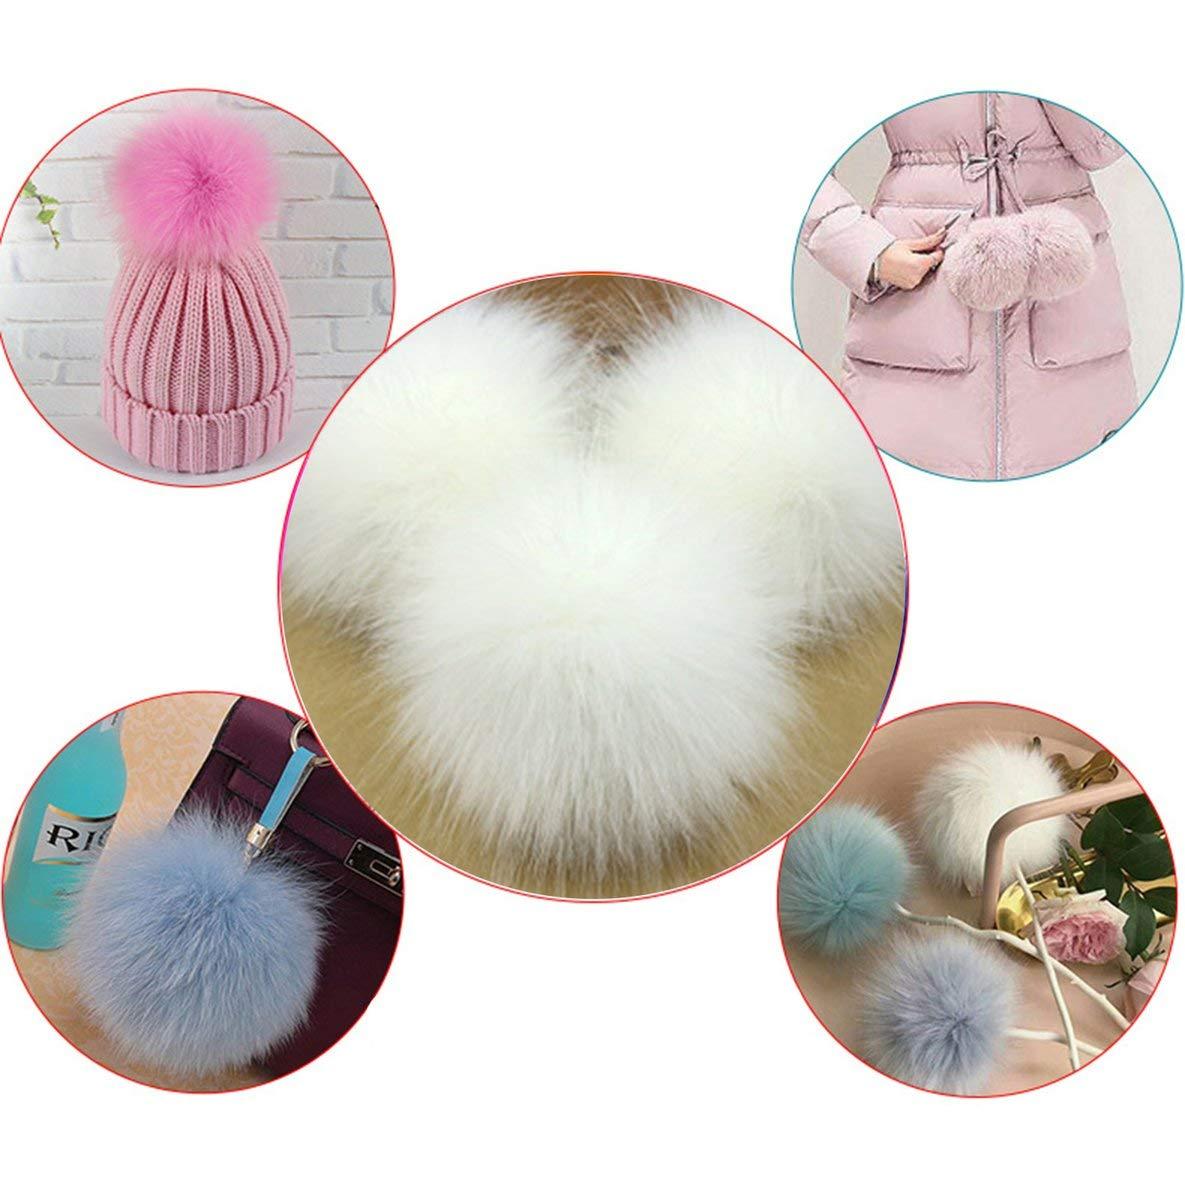 Noradtjcca Niedlichen fuchspelz Pompon abnehmbare Fell Flauschigen bommel Ball mit Druckknopf f/ür DIY h/üte caps Taschen Kleidung Schuhe dekor